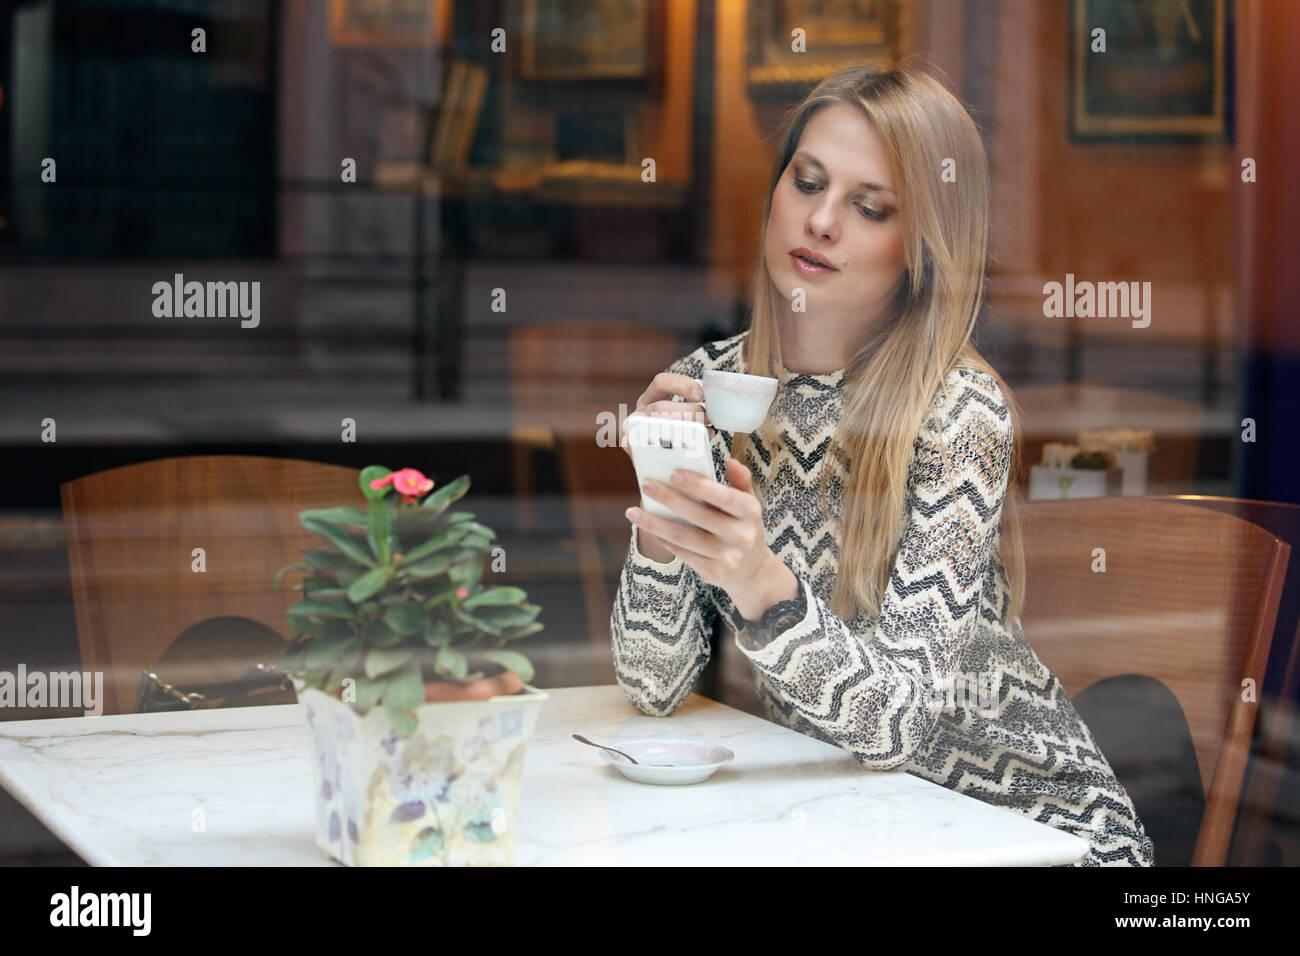 Belle fille à l'aide de son téléphone portable dans le café. Vie Ville Photo Stock